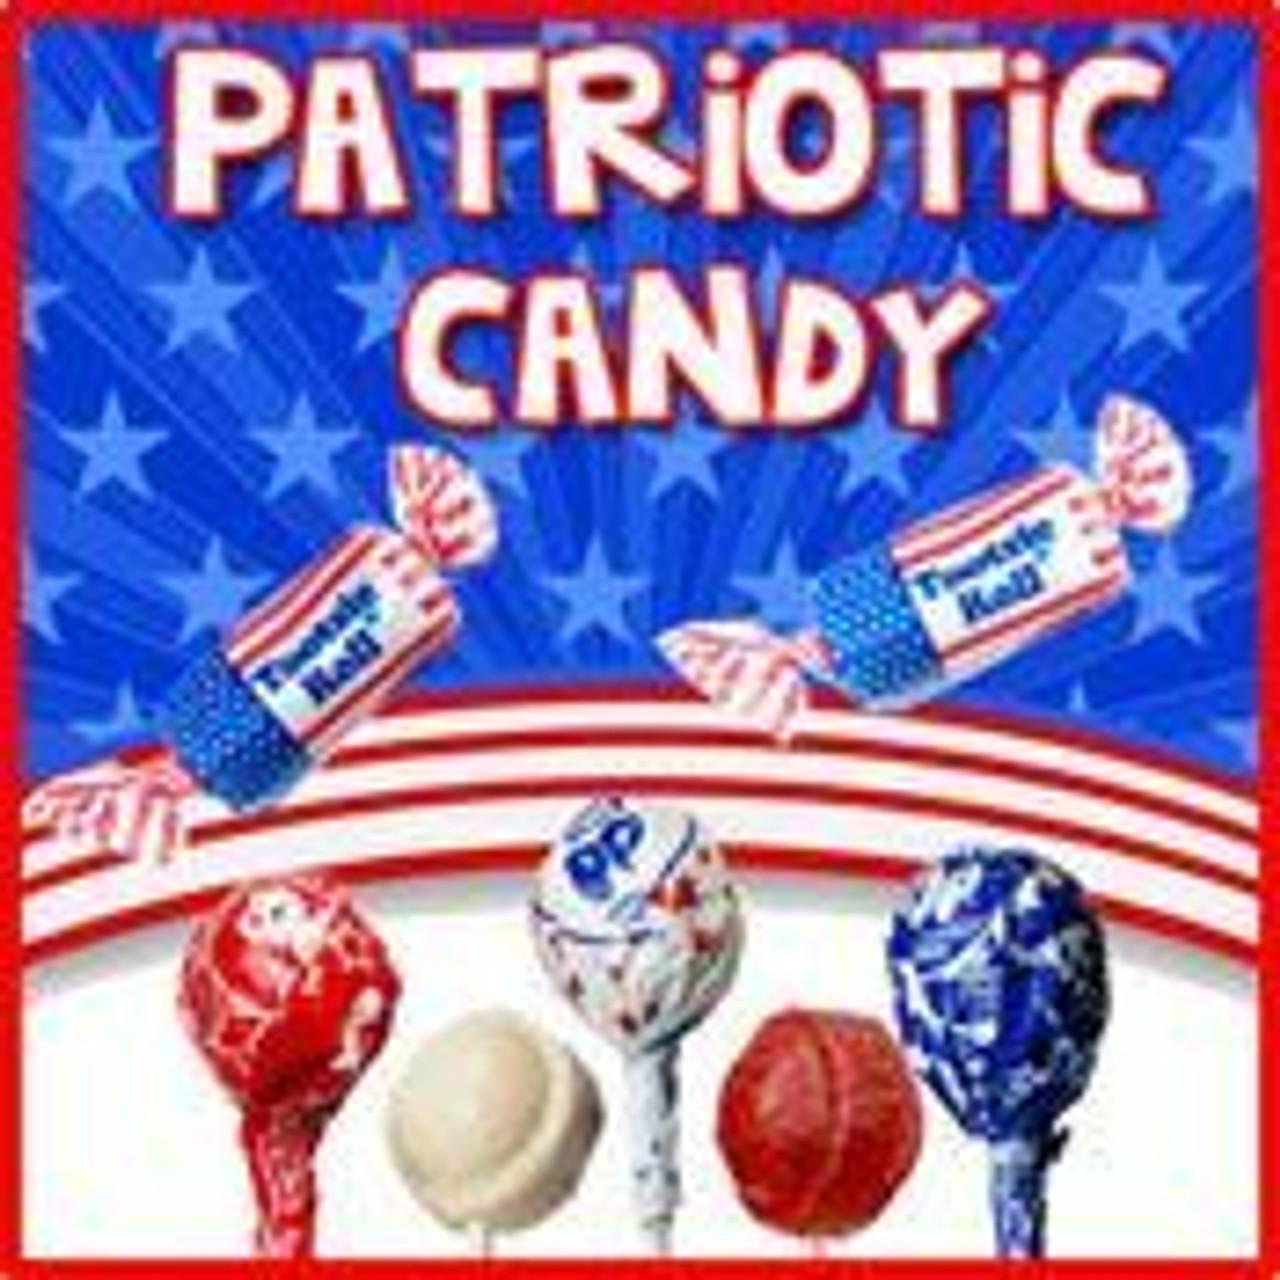 Patriotic Candy